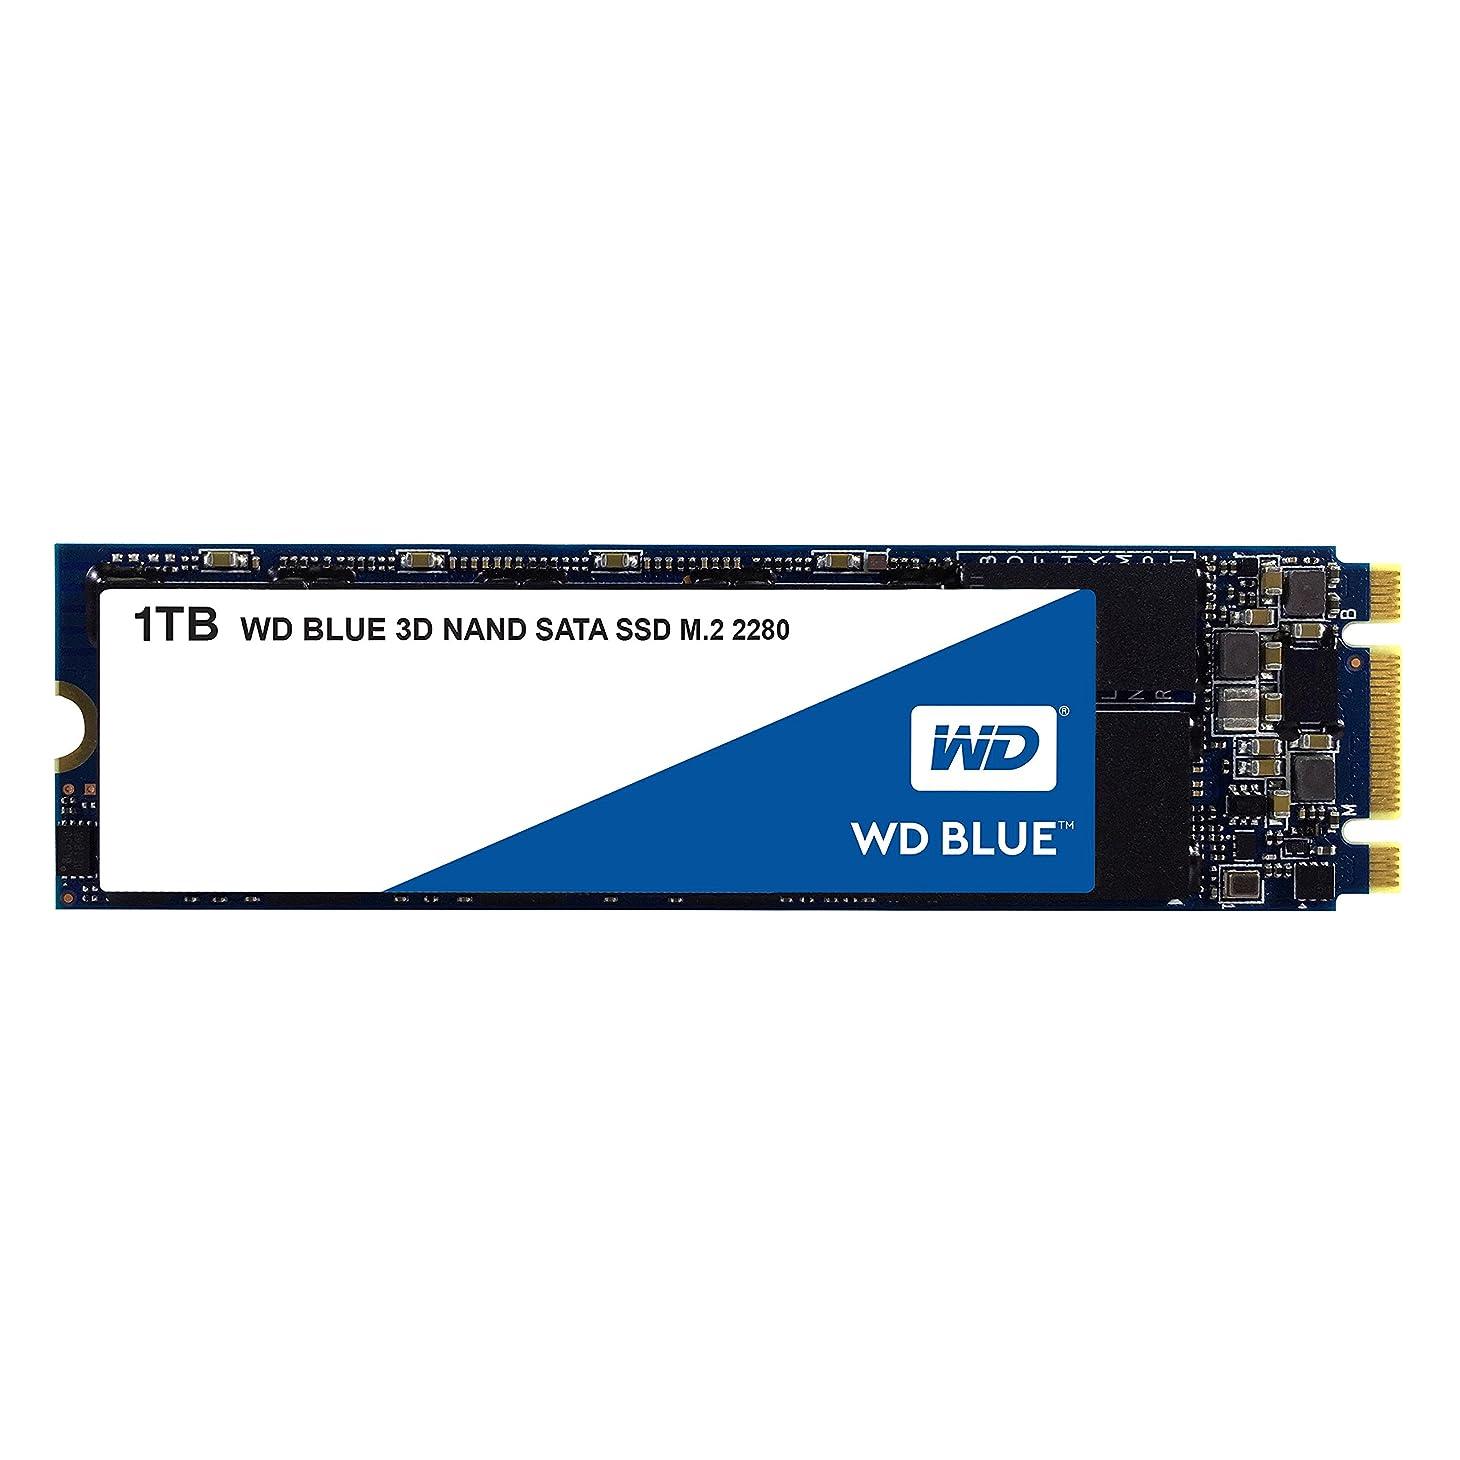 社会学薄い博覧会Transcend ノートPC用メモリ PC3L-12800 DDR3L 1600 8GB 1.35V (低電圧) - 1.5V 両対応 204pin SO-DIMM TS1GSK64W6H